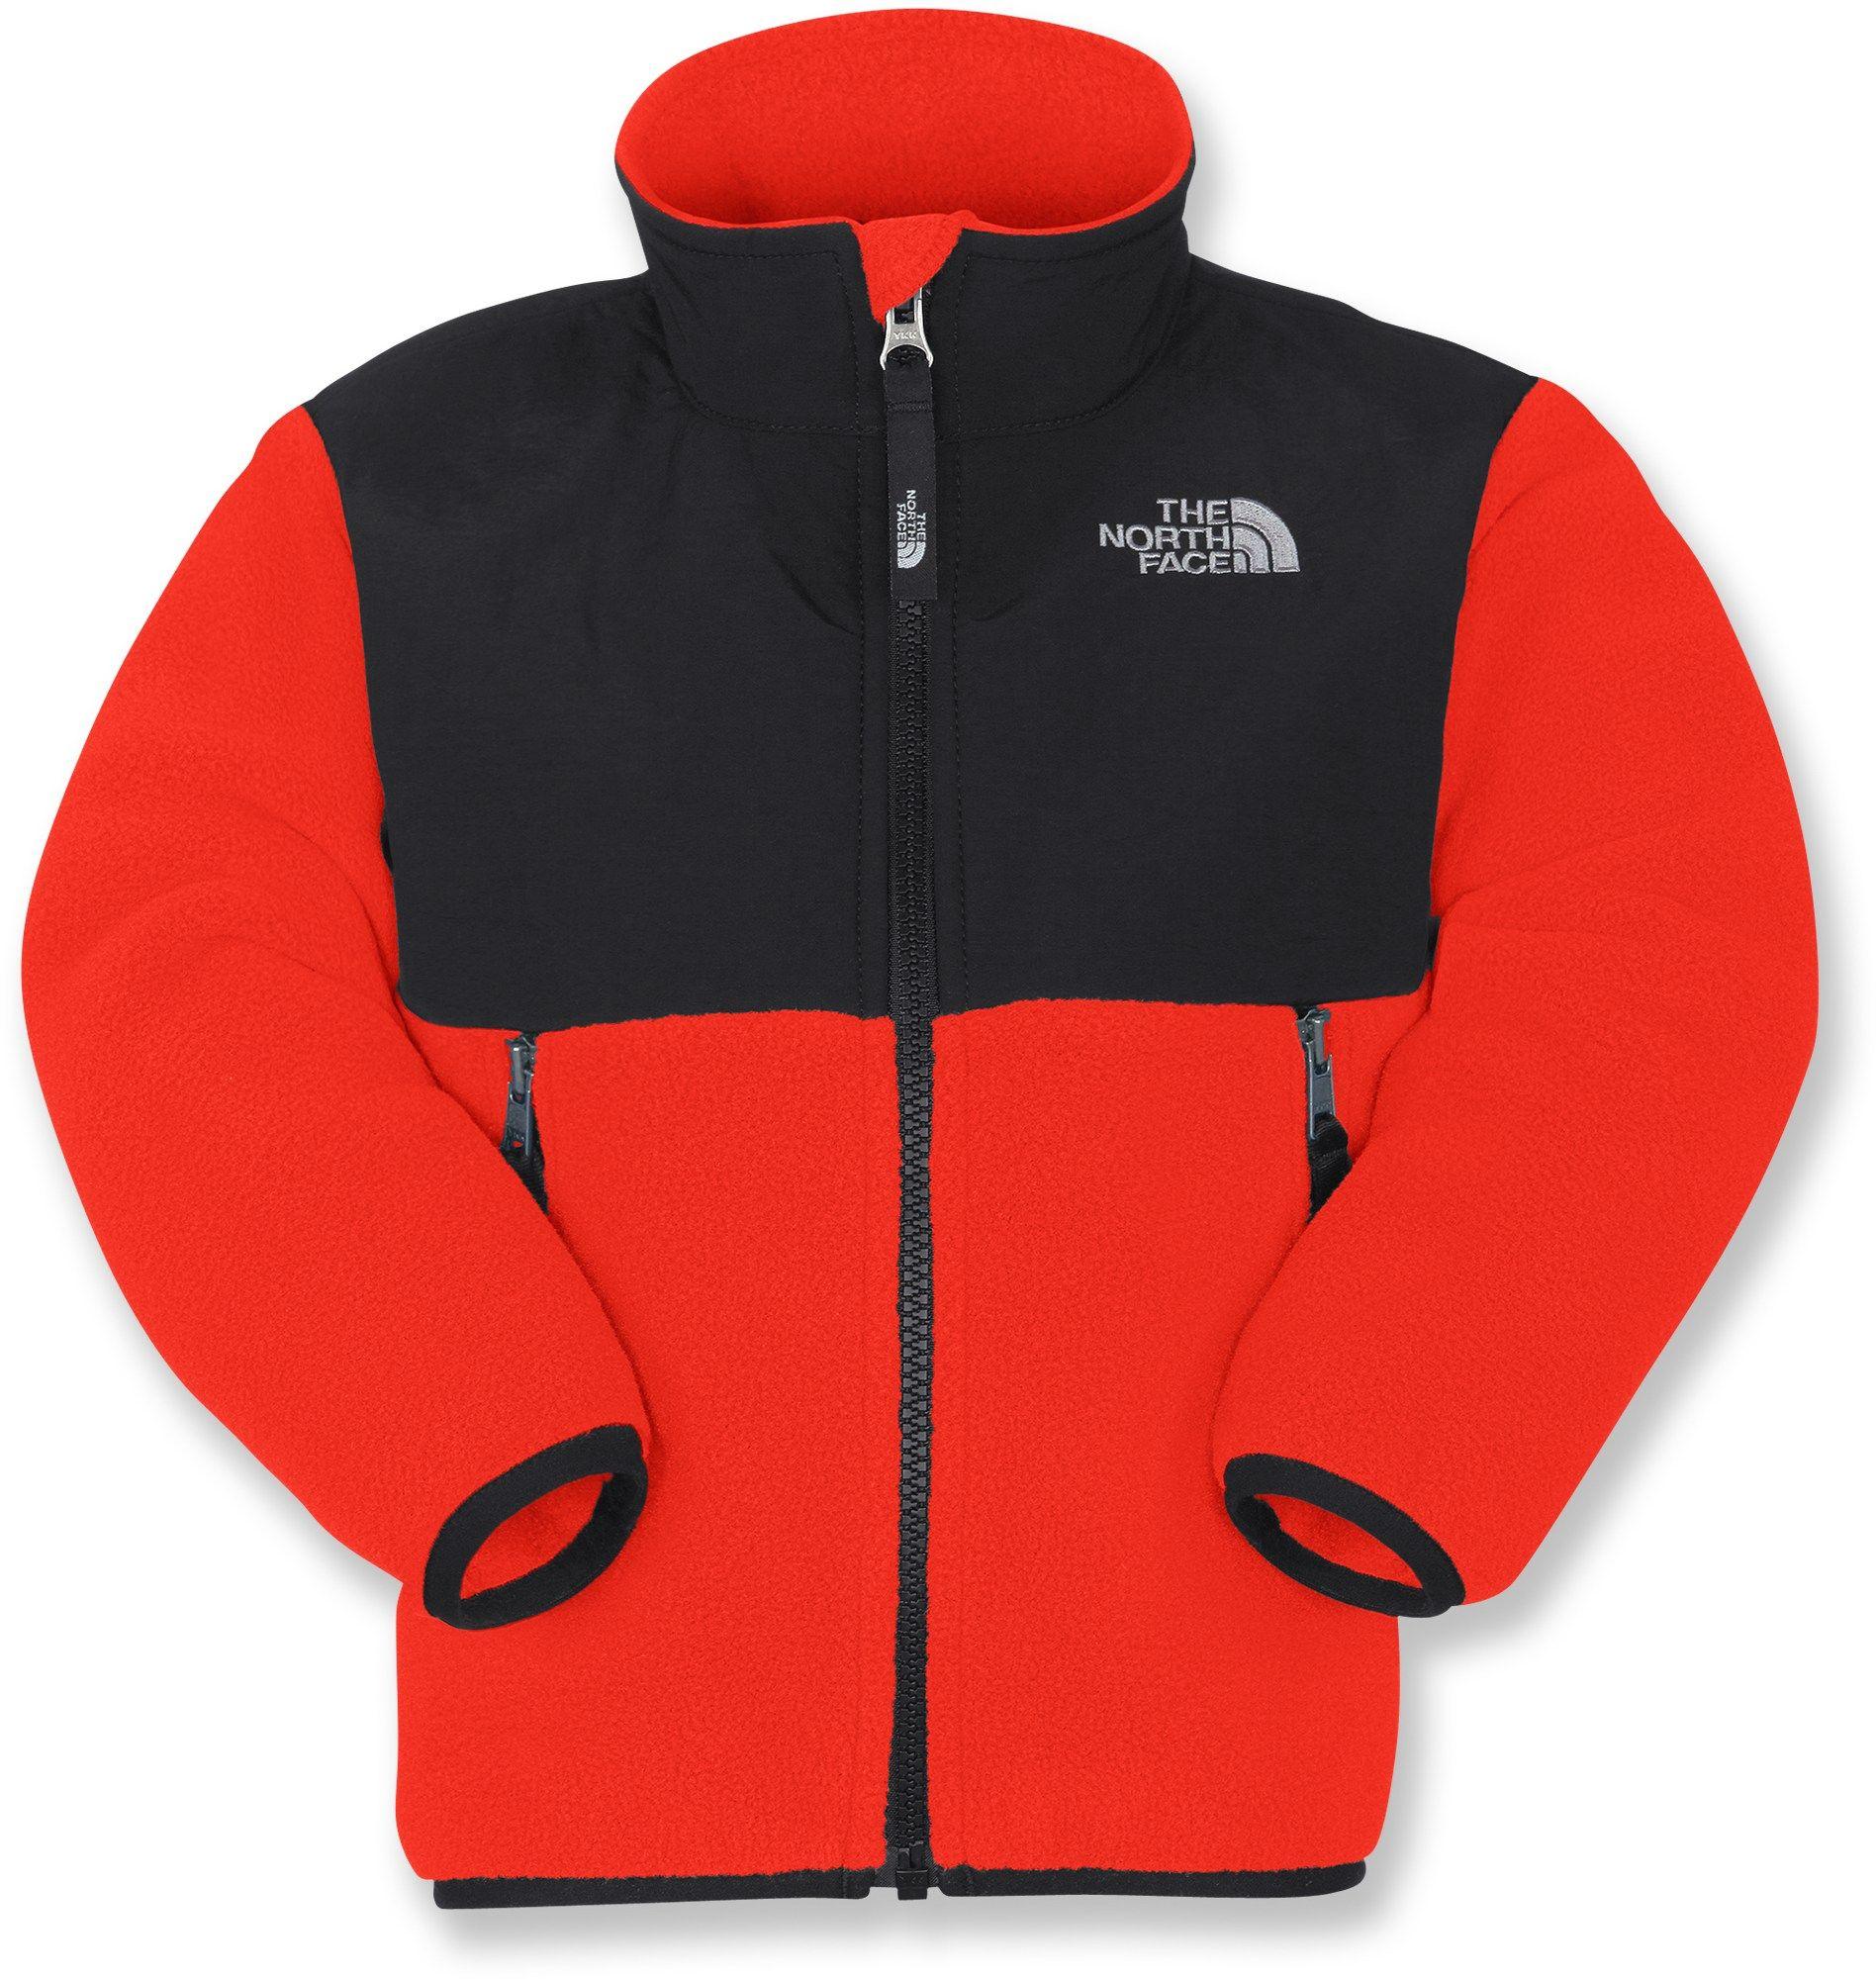 de3a3a7146e017 The North Face Denali Jacket - Toddler Boys  - Free Shipping at REI ...